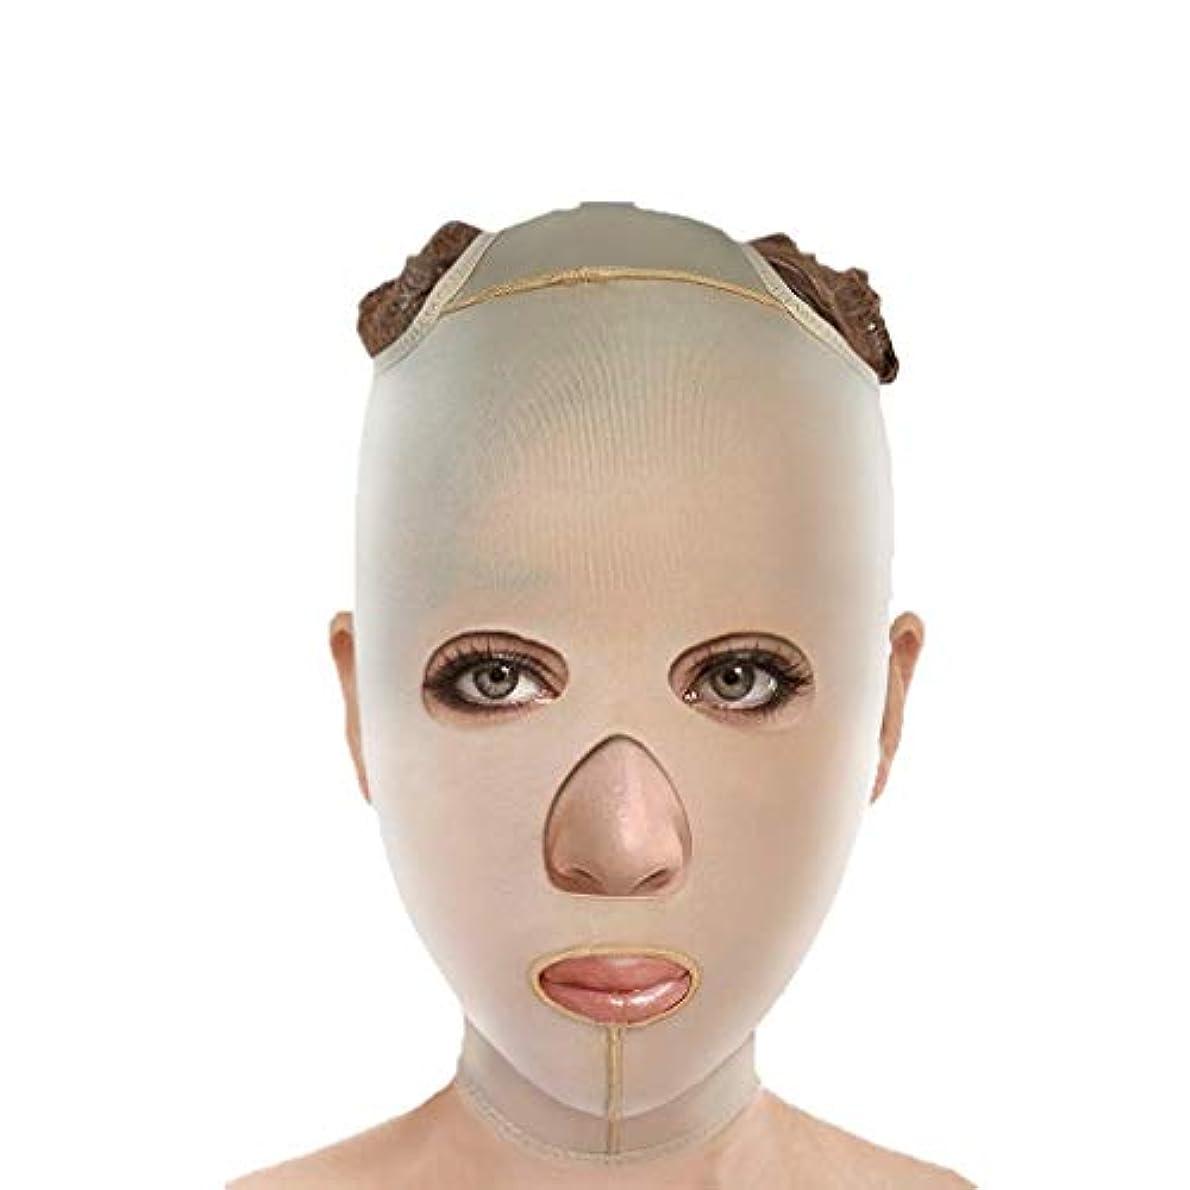 大騒ぎ異常なメトロポリタンチンストラップ、フェイスリフティング、アンチエイジングフェイシャル包帯、フェイシャル減量マスク、ファーミングマスク、フェイシャルリフティングアーティファクト(サイズ:S),M